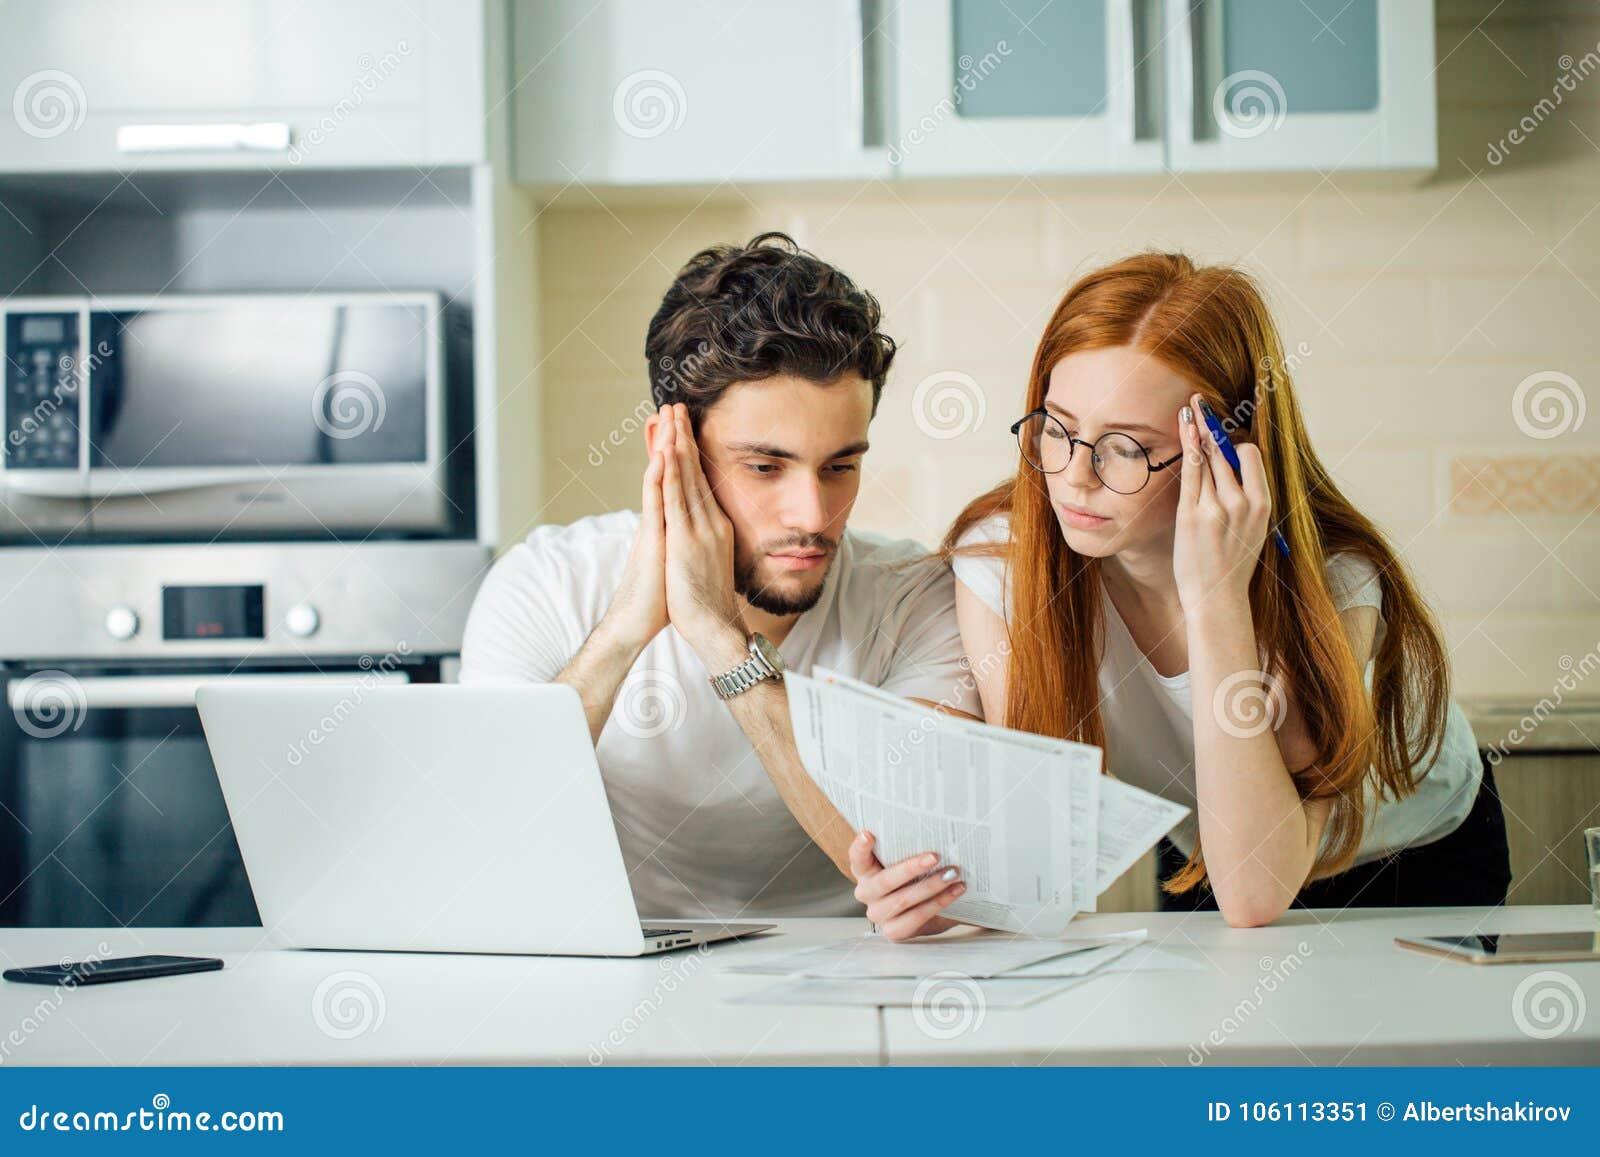 Orçamento de controlo da família, revendo suas contas bancárias usando o portátil na cozinha